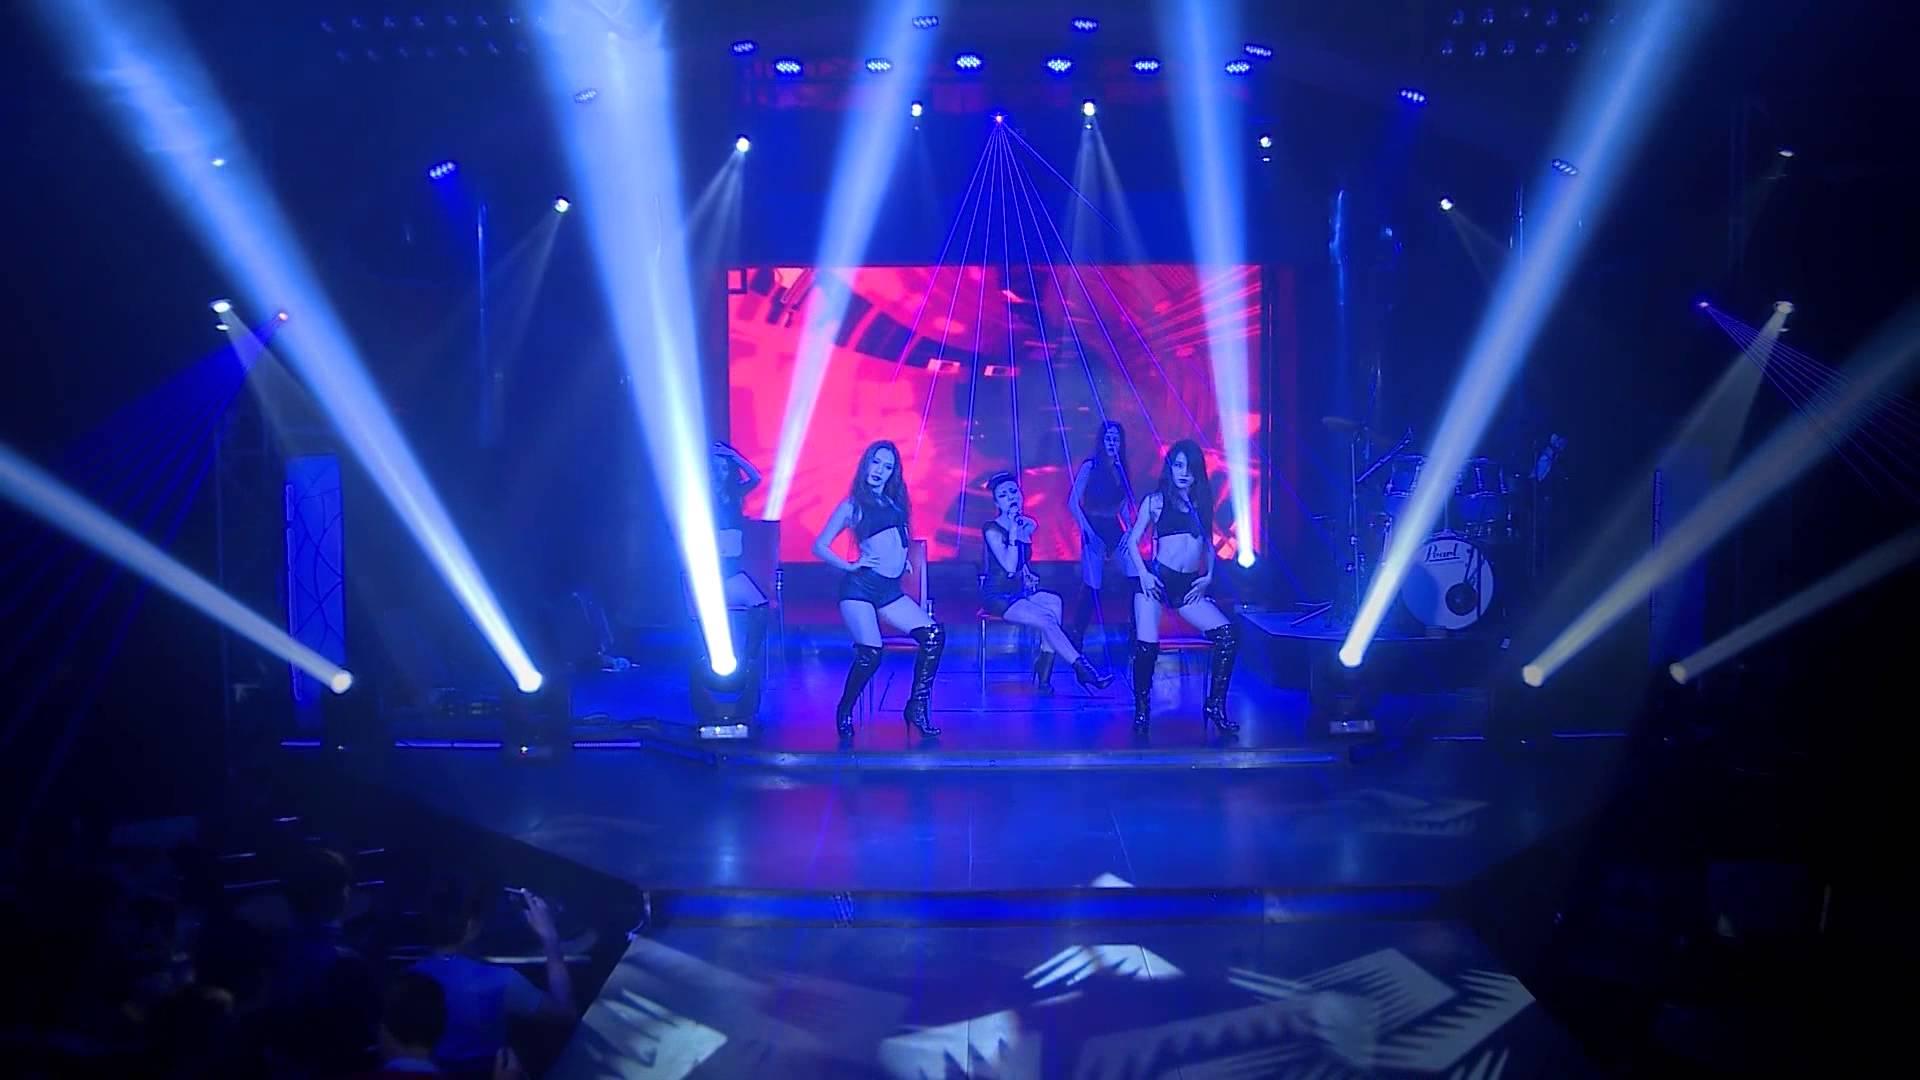 Đèn vũ trường